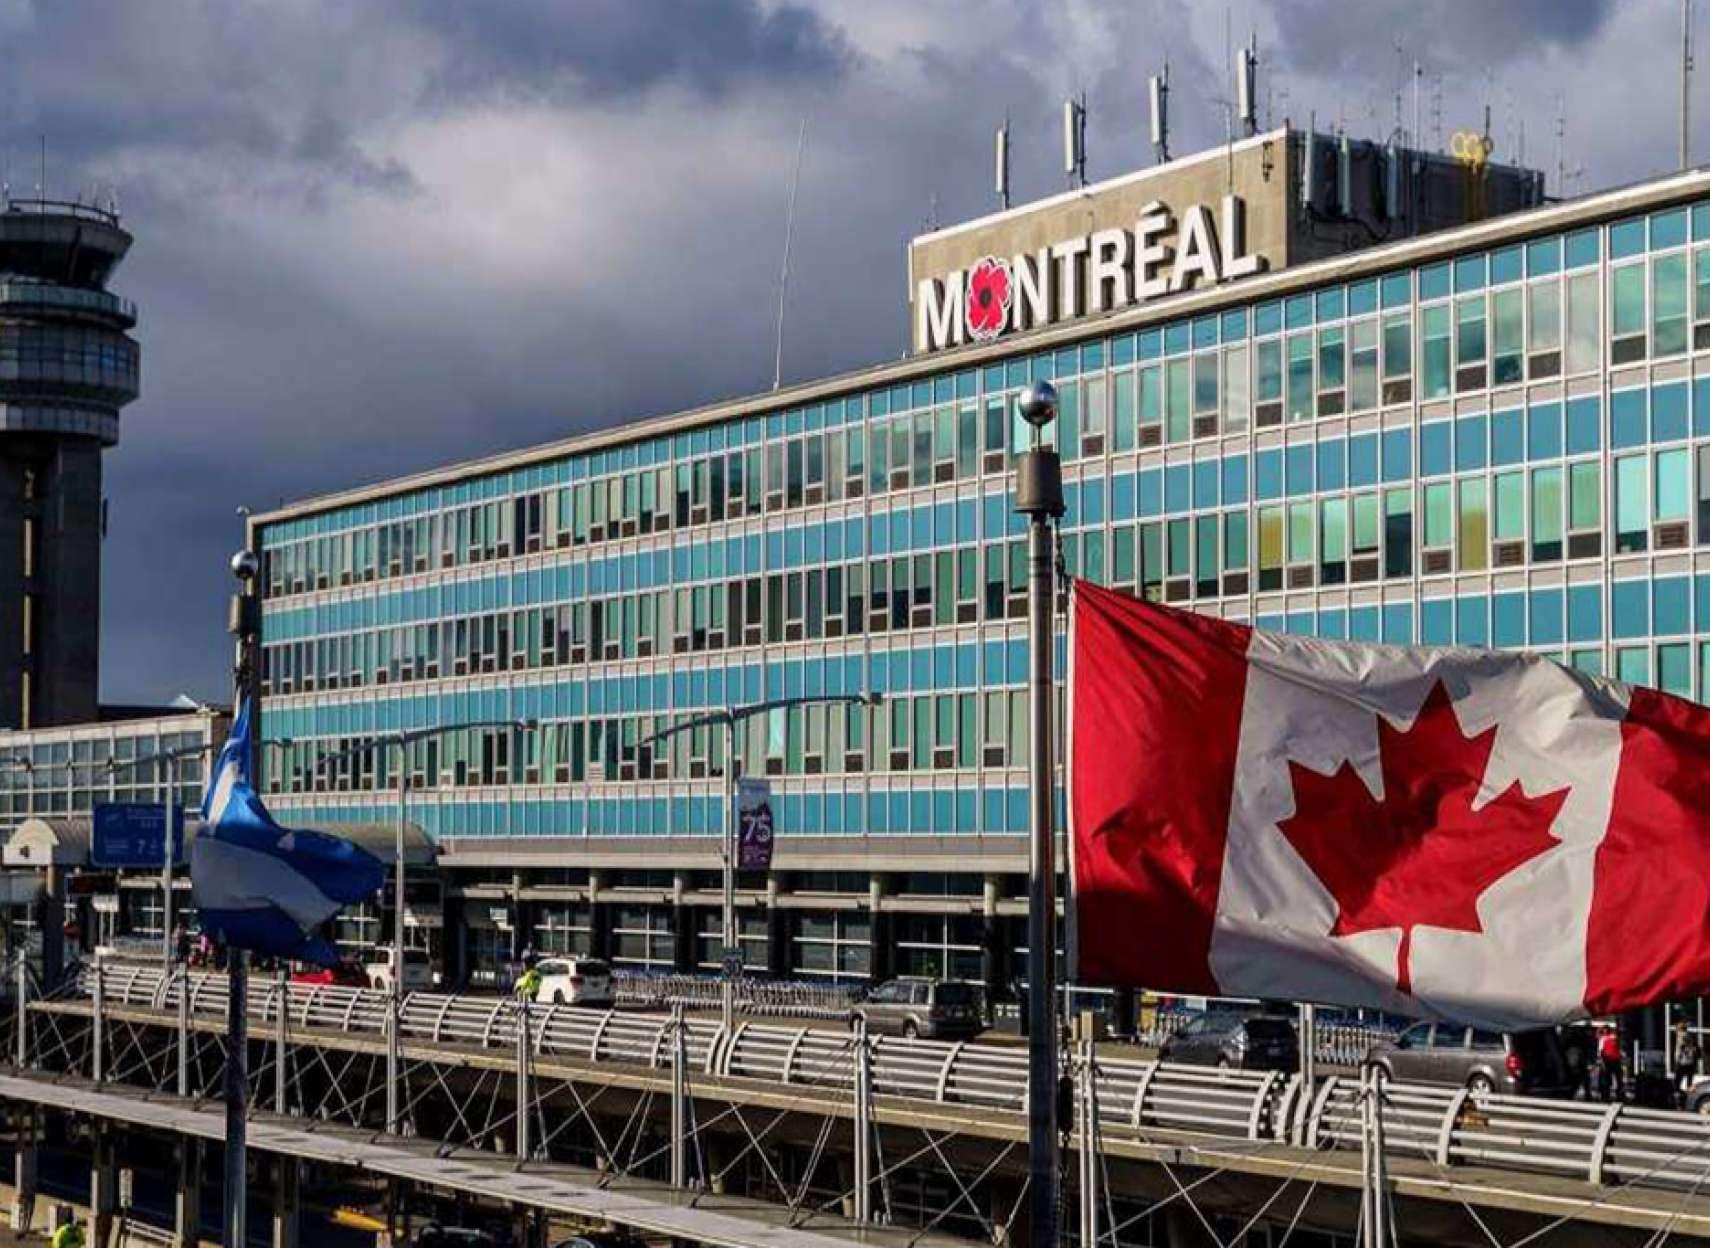 اخبار-کانادا-دستگیری-16-ساله-کانادایی-برای-تهدید-به-بمبگذاری-فرودگاه-مونترال